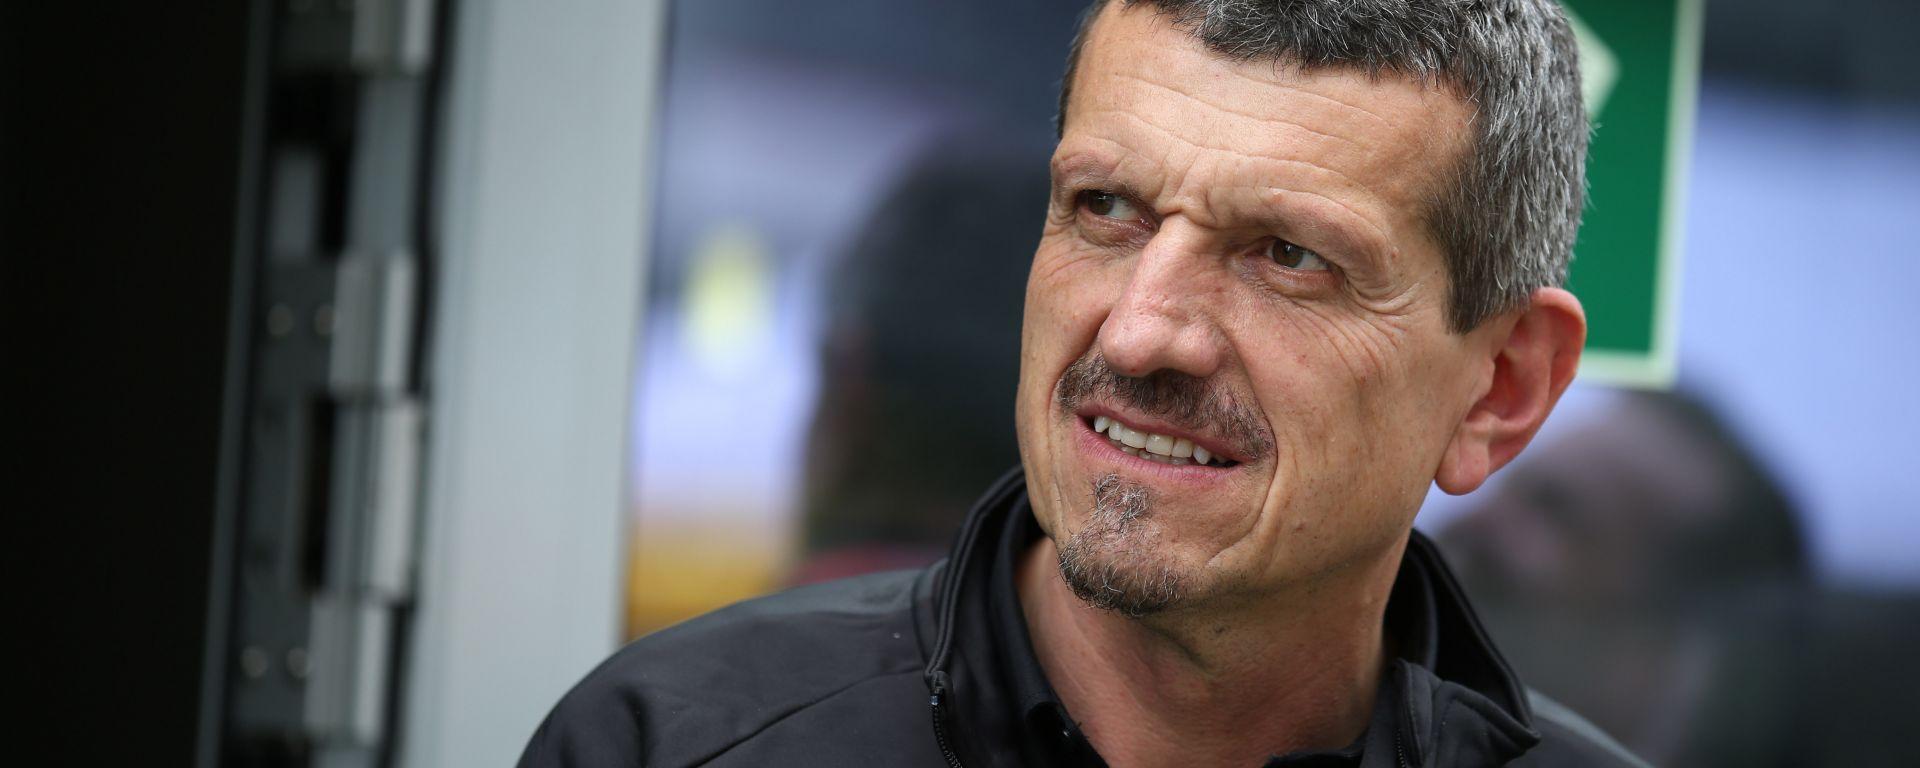 Steiner a rischio sanzione per un team radio sopra le righe